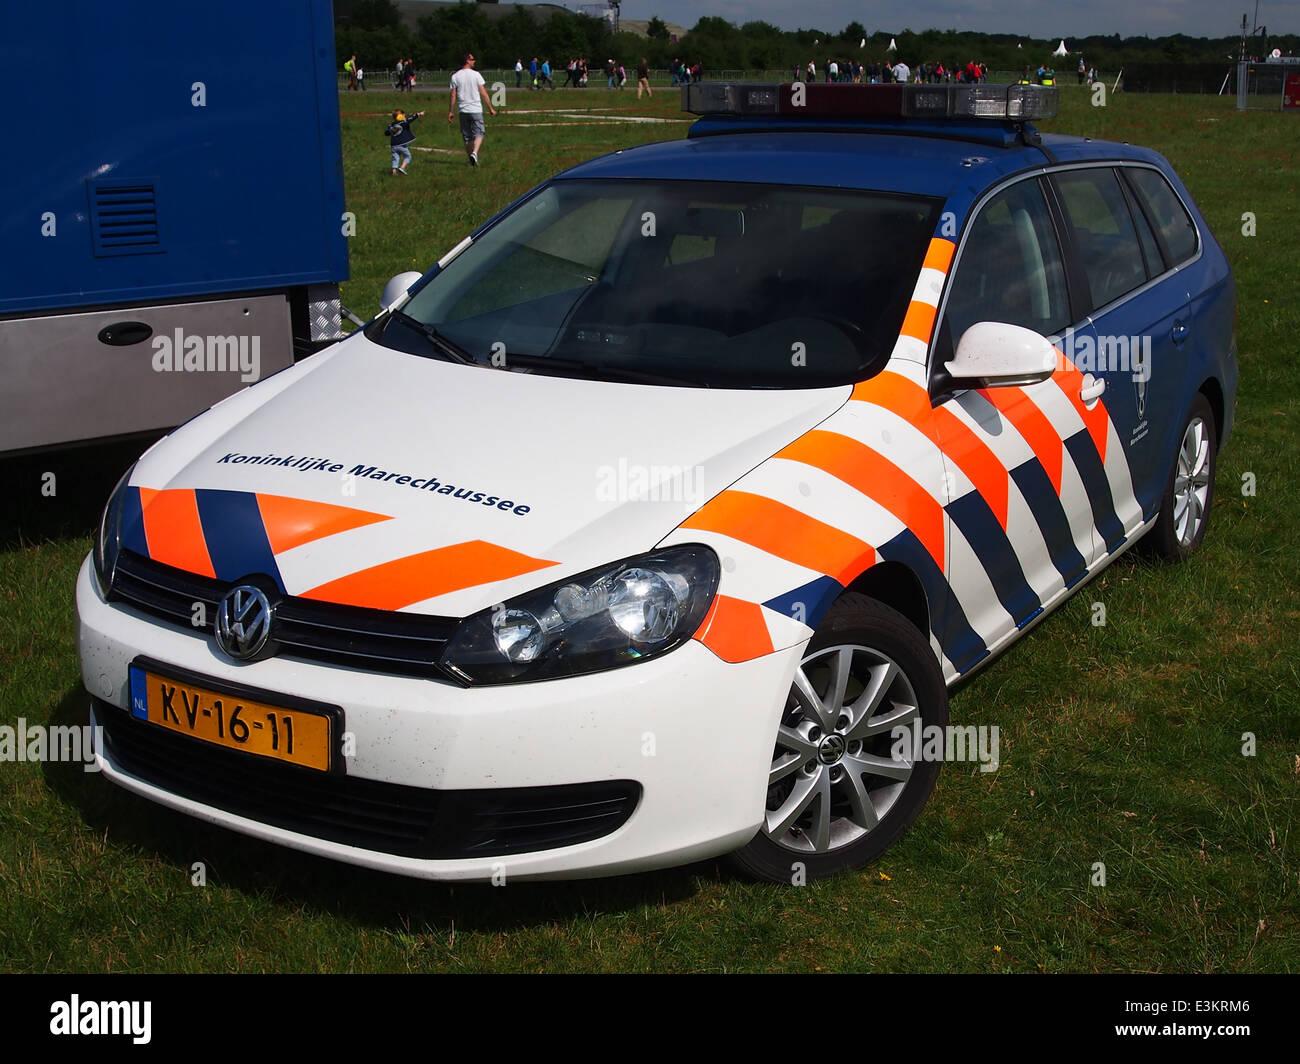 Koninklijke Marechaussee Volkswagen, pic2 - Stock Image